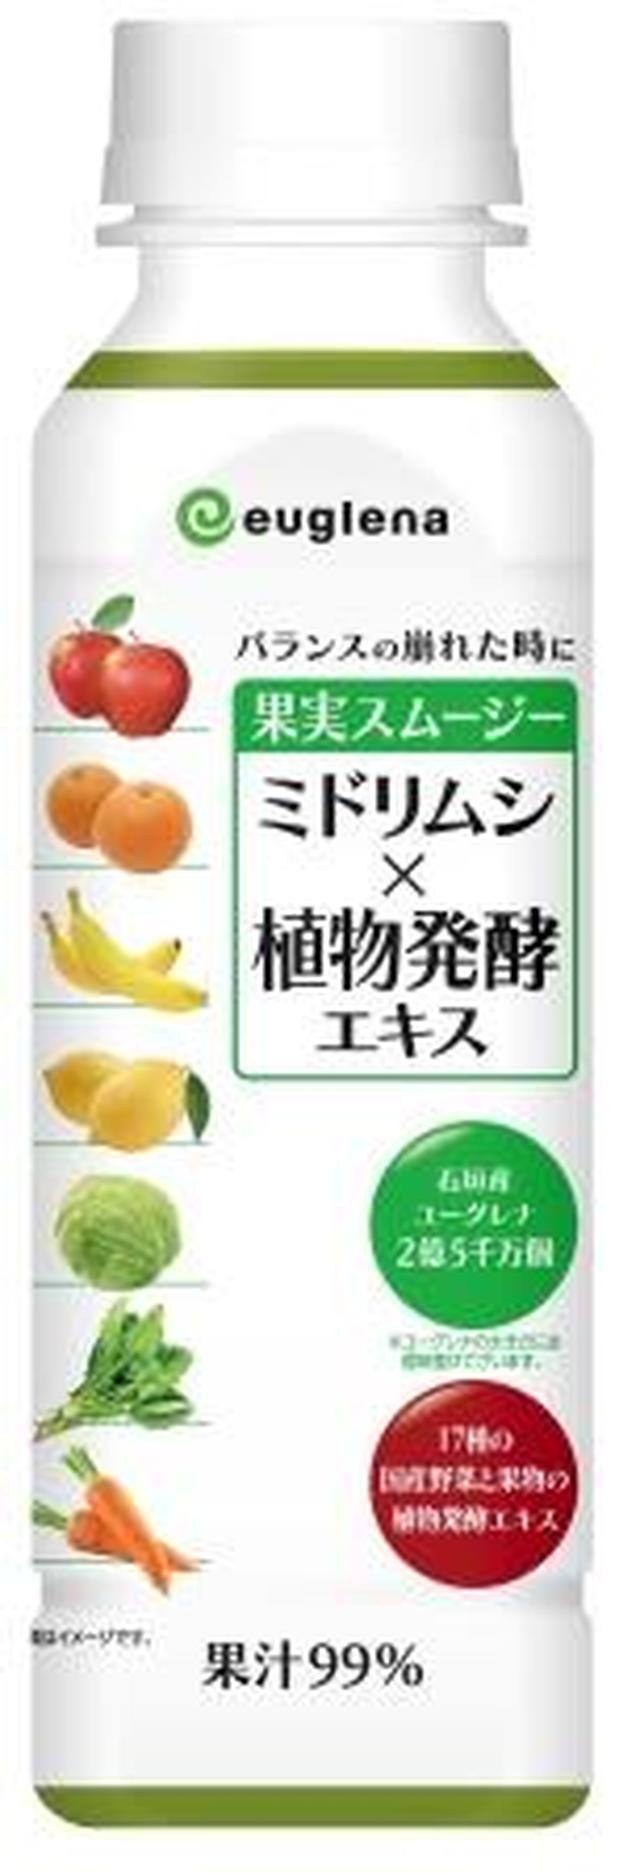 画像: 『果実スムージー ミドリムシ×植物発酵エキス』